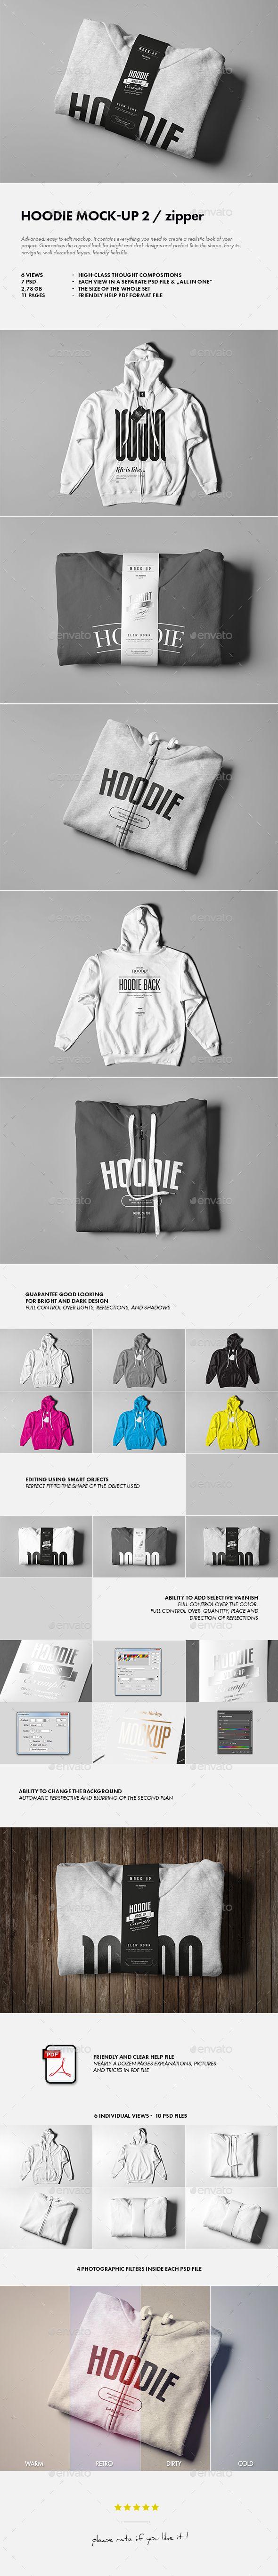 Hoodie Mock-Up #design Download: http://graphicriver.net/item/hoodie-mockup-2/14050155?ref=ksioks